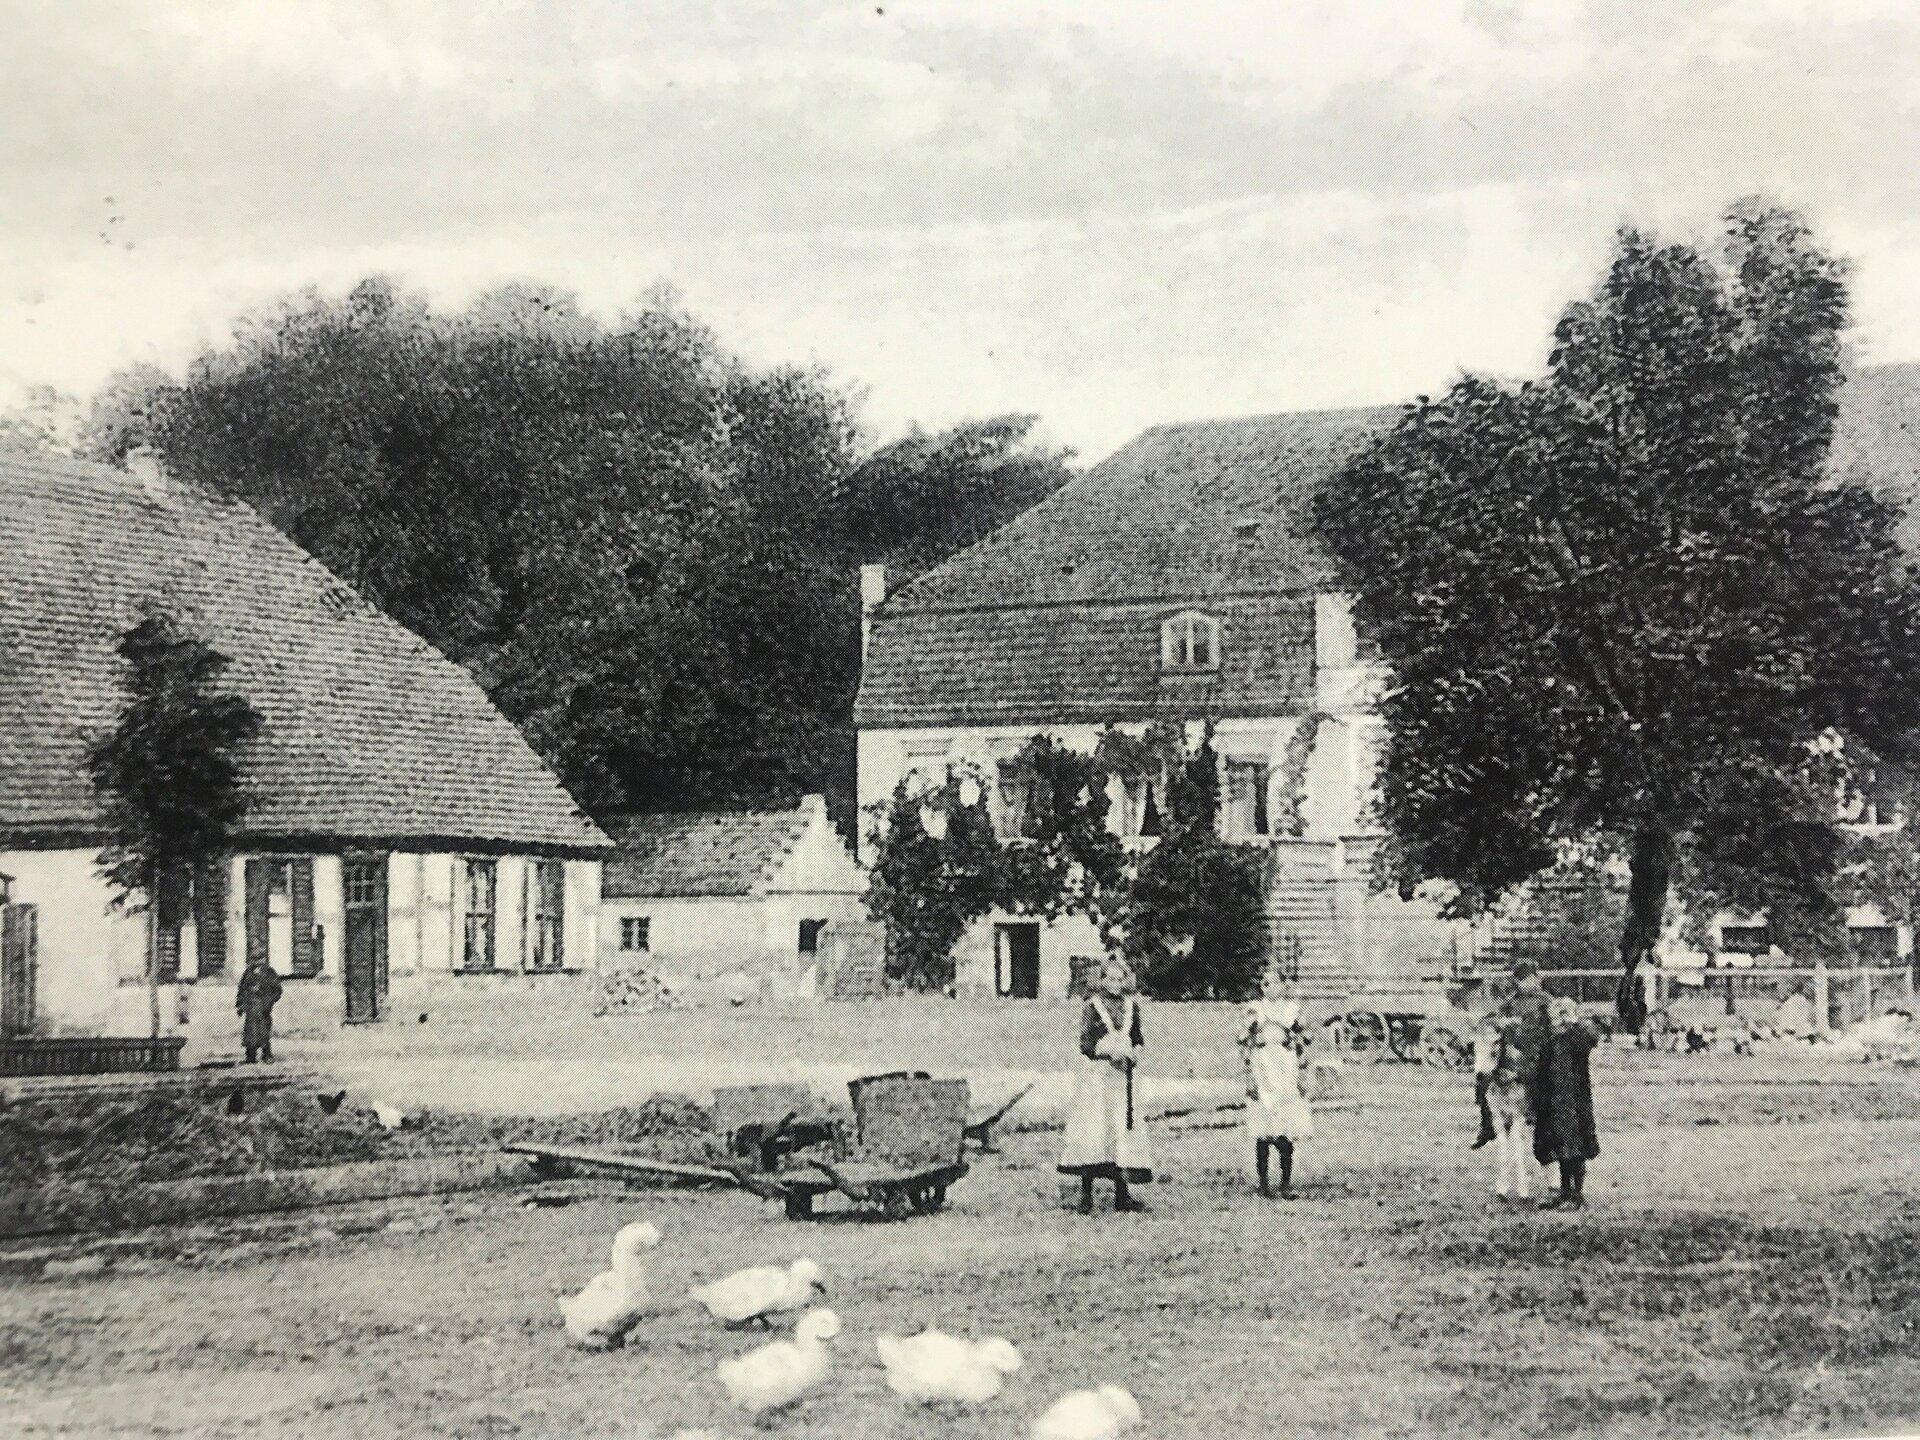 Unser Bild zeigt den Gutshof des Rittergutes Seegefeld mit Wirtschafts- und Wohngebäuden (Quelle: Museum und Galerie Falkensee).